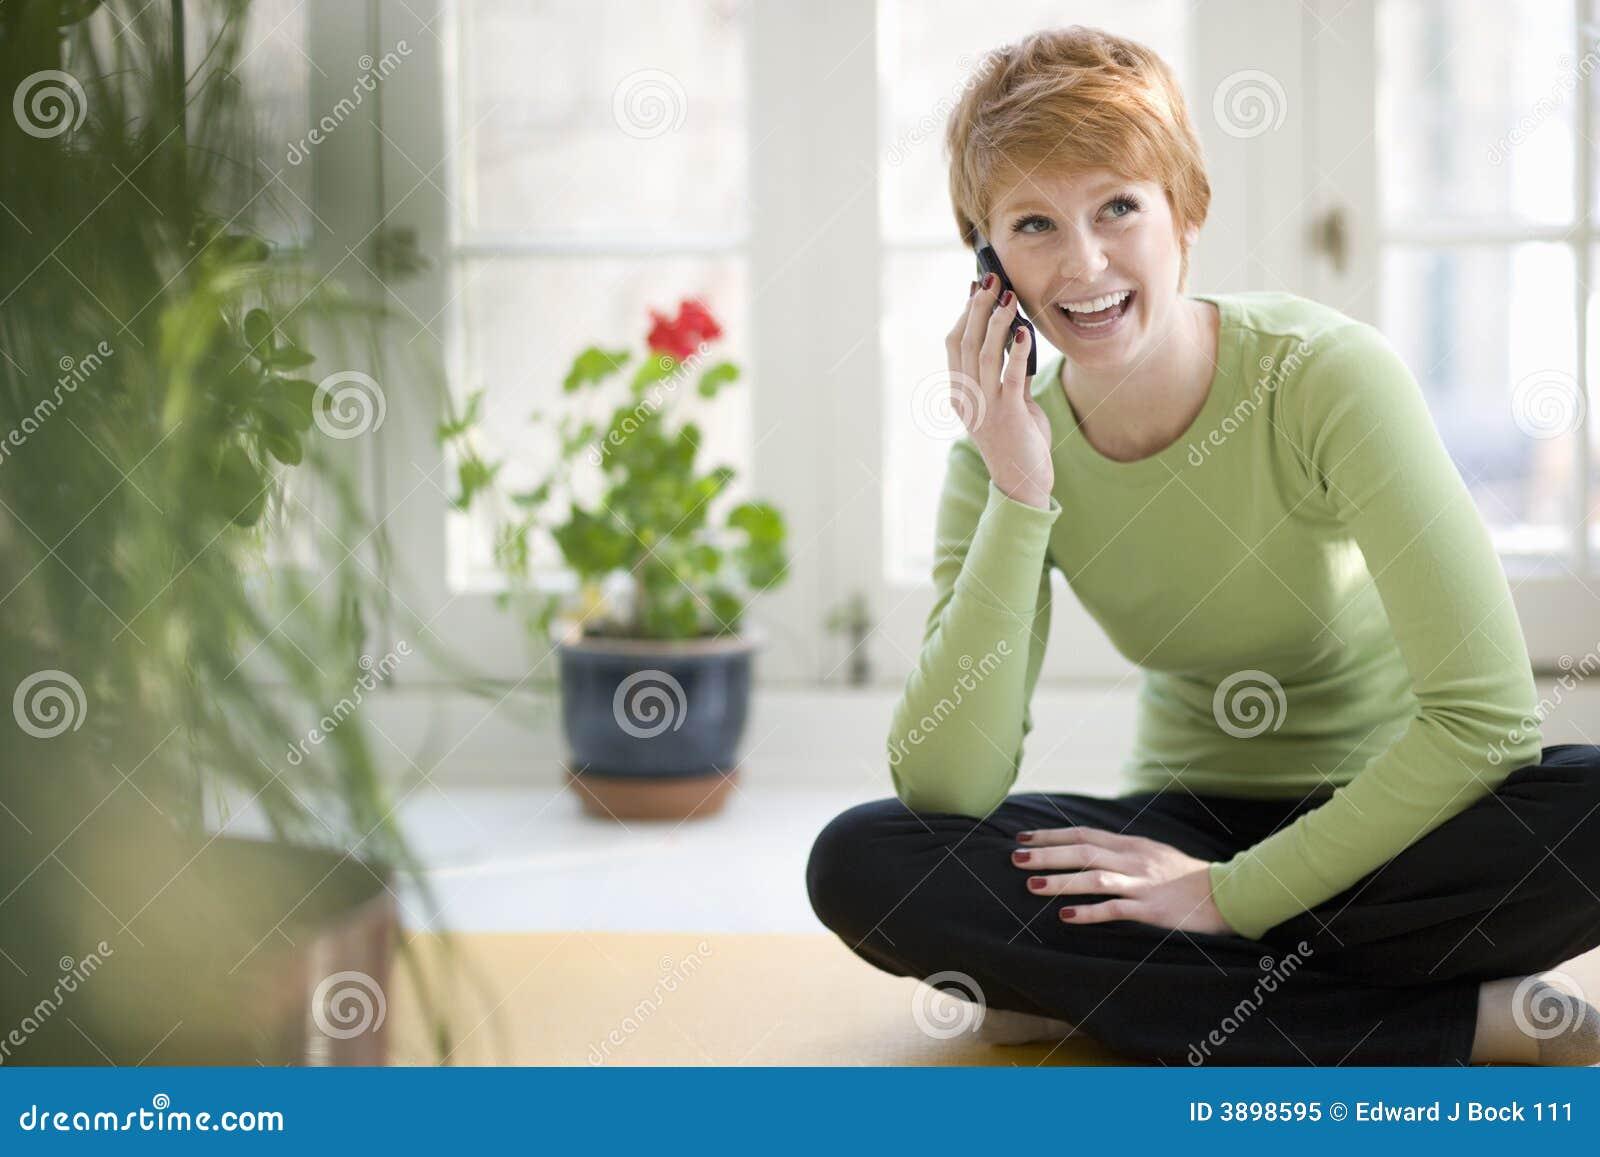 Lächelnde Frau auf Handy